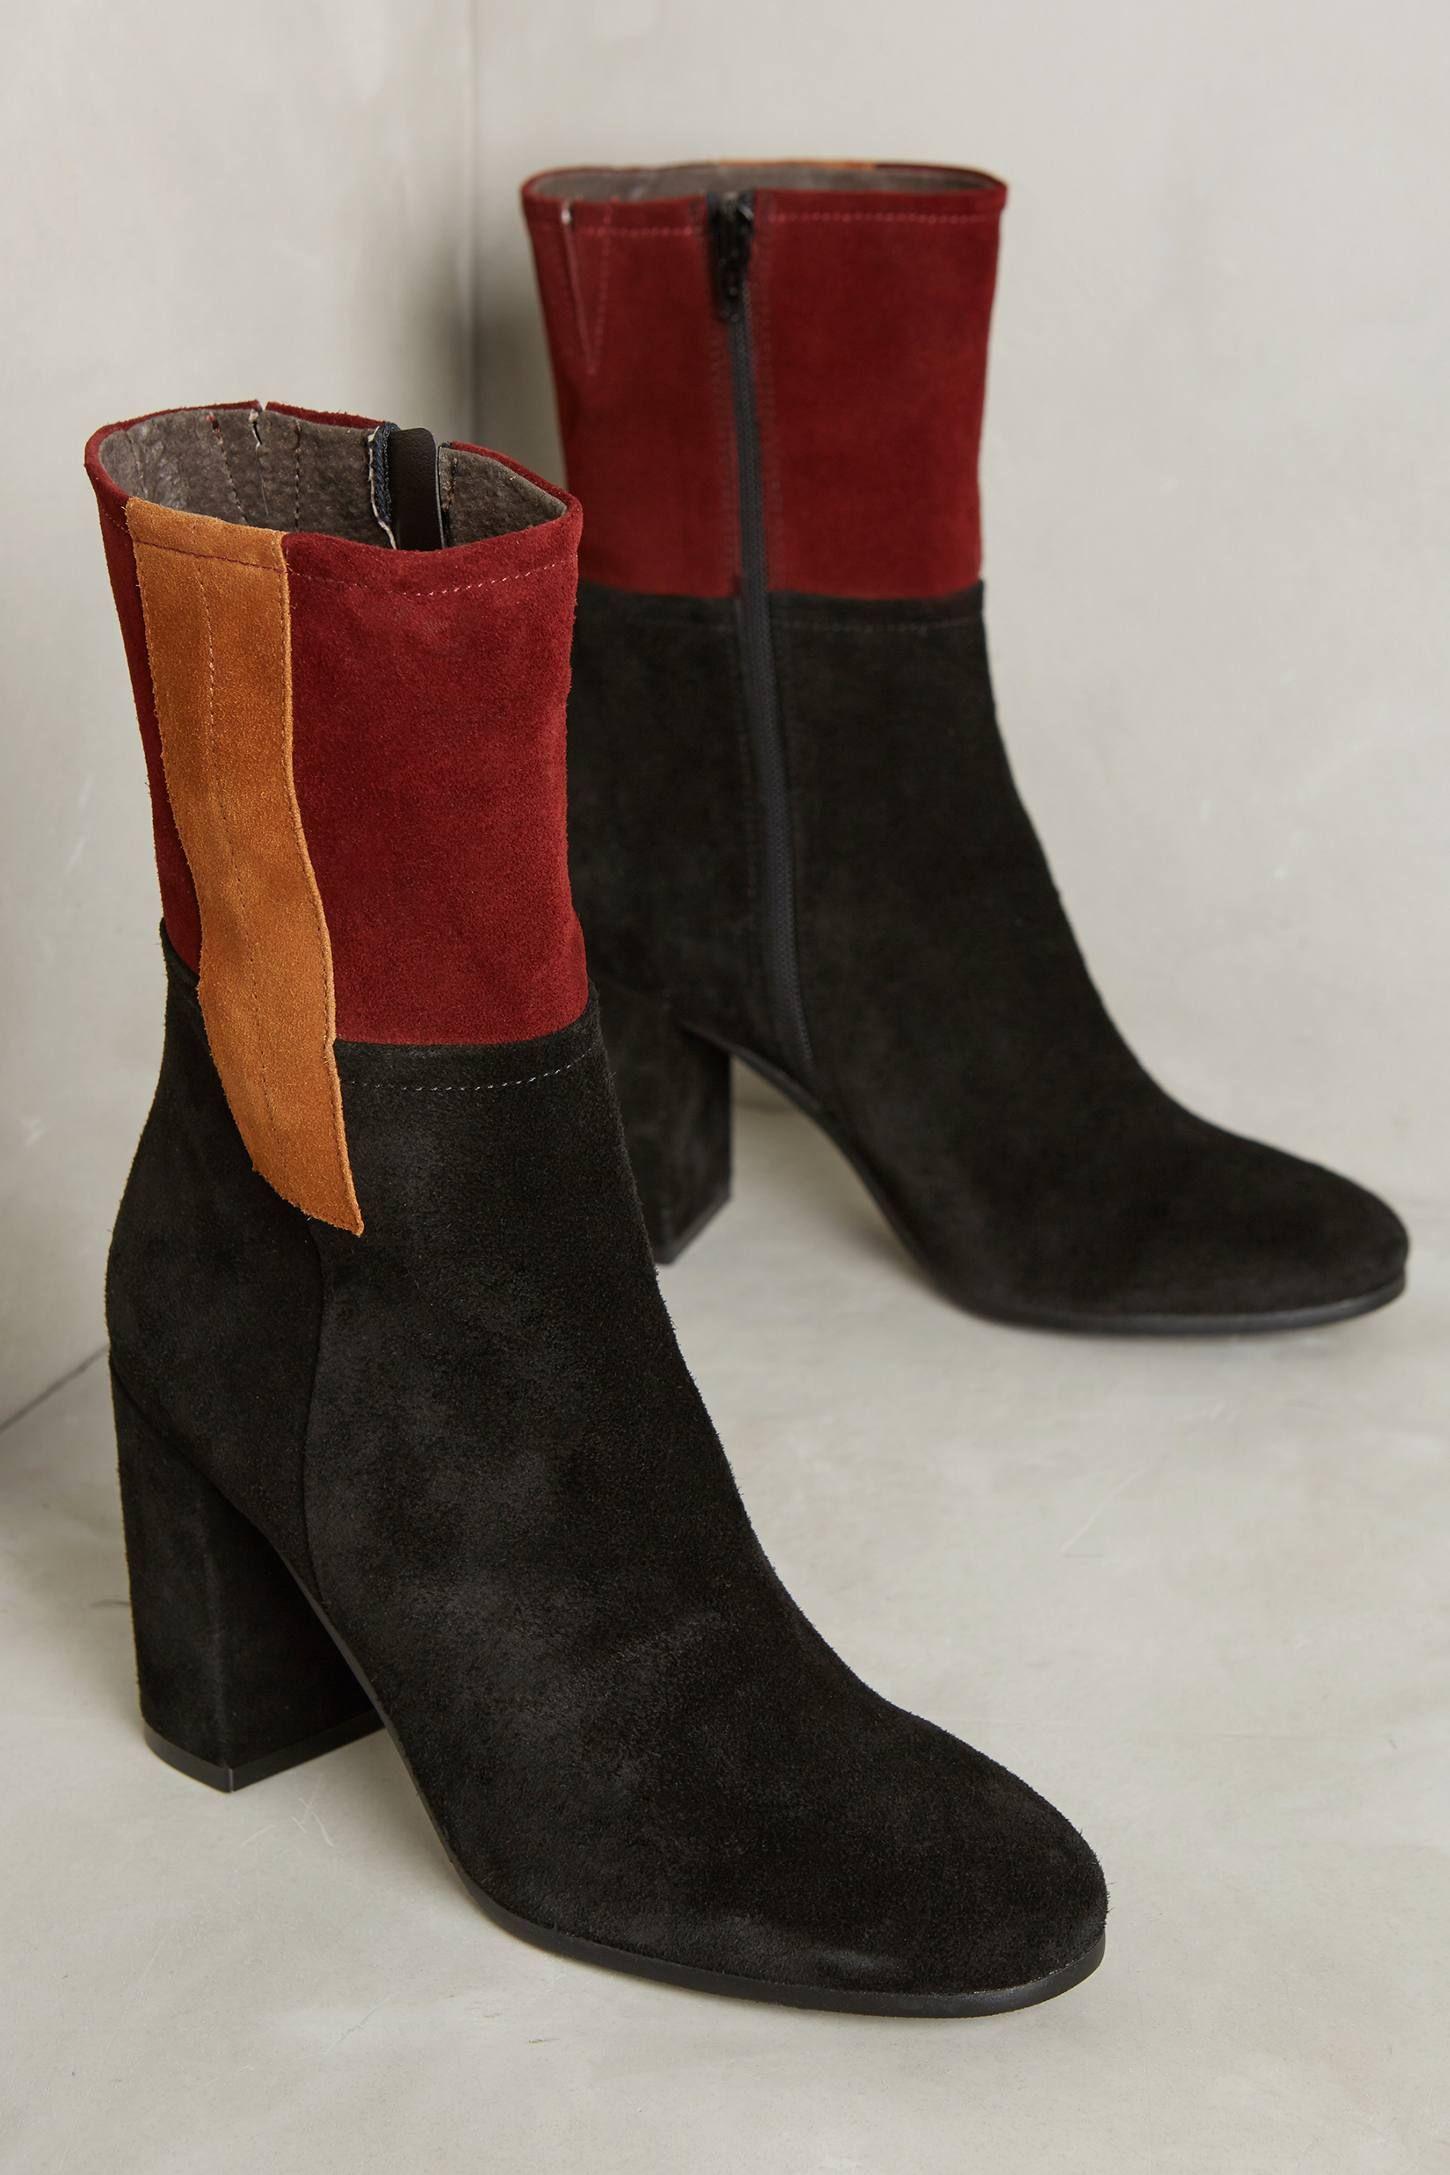 Alba Moda Lorraine Suede Boots